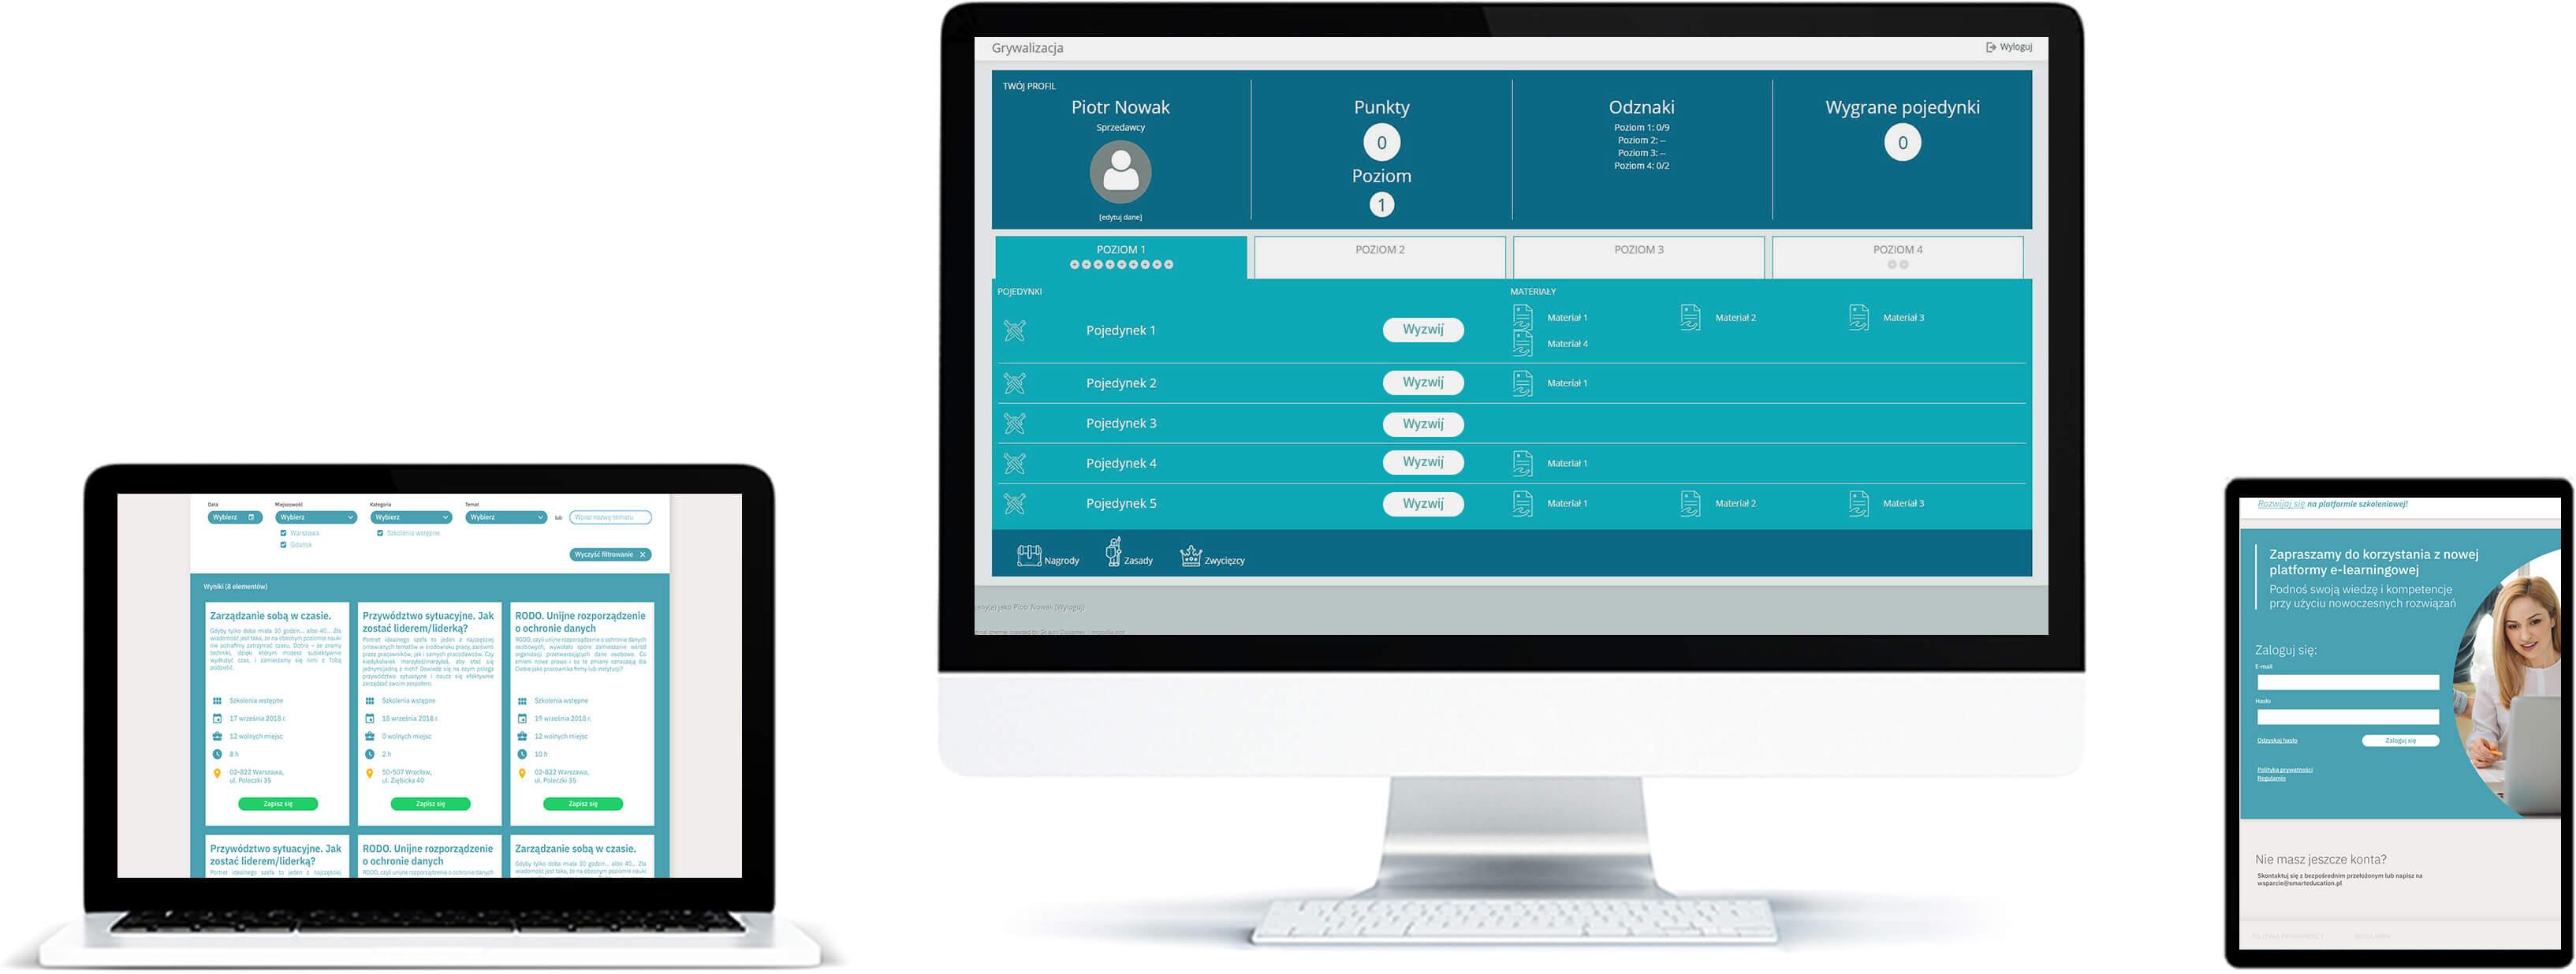 Quizowanie - sprawdzenie wiedzy pracowników - platforma online